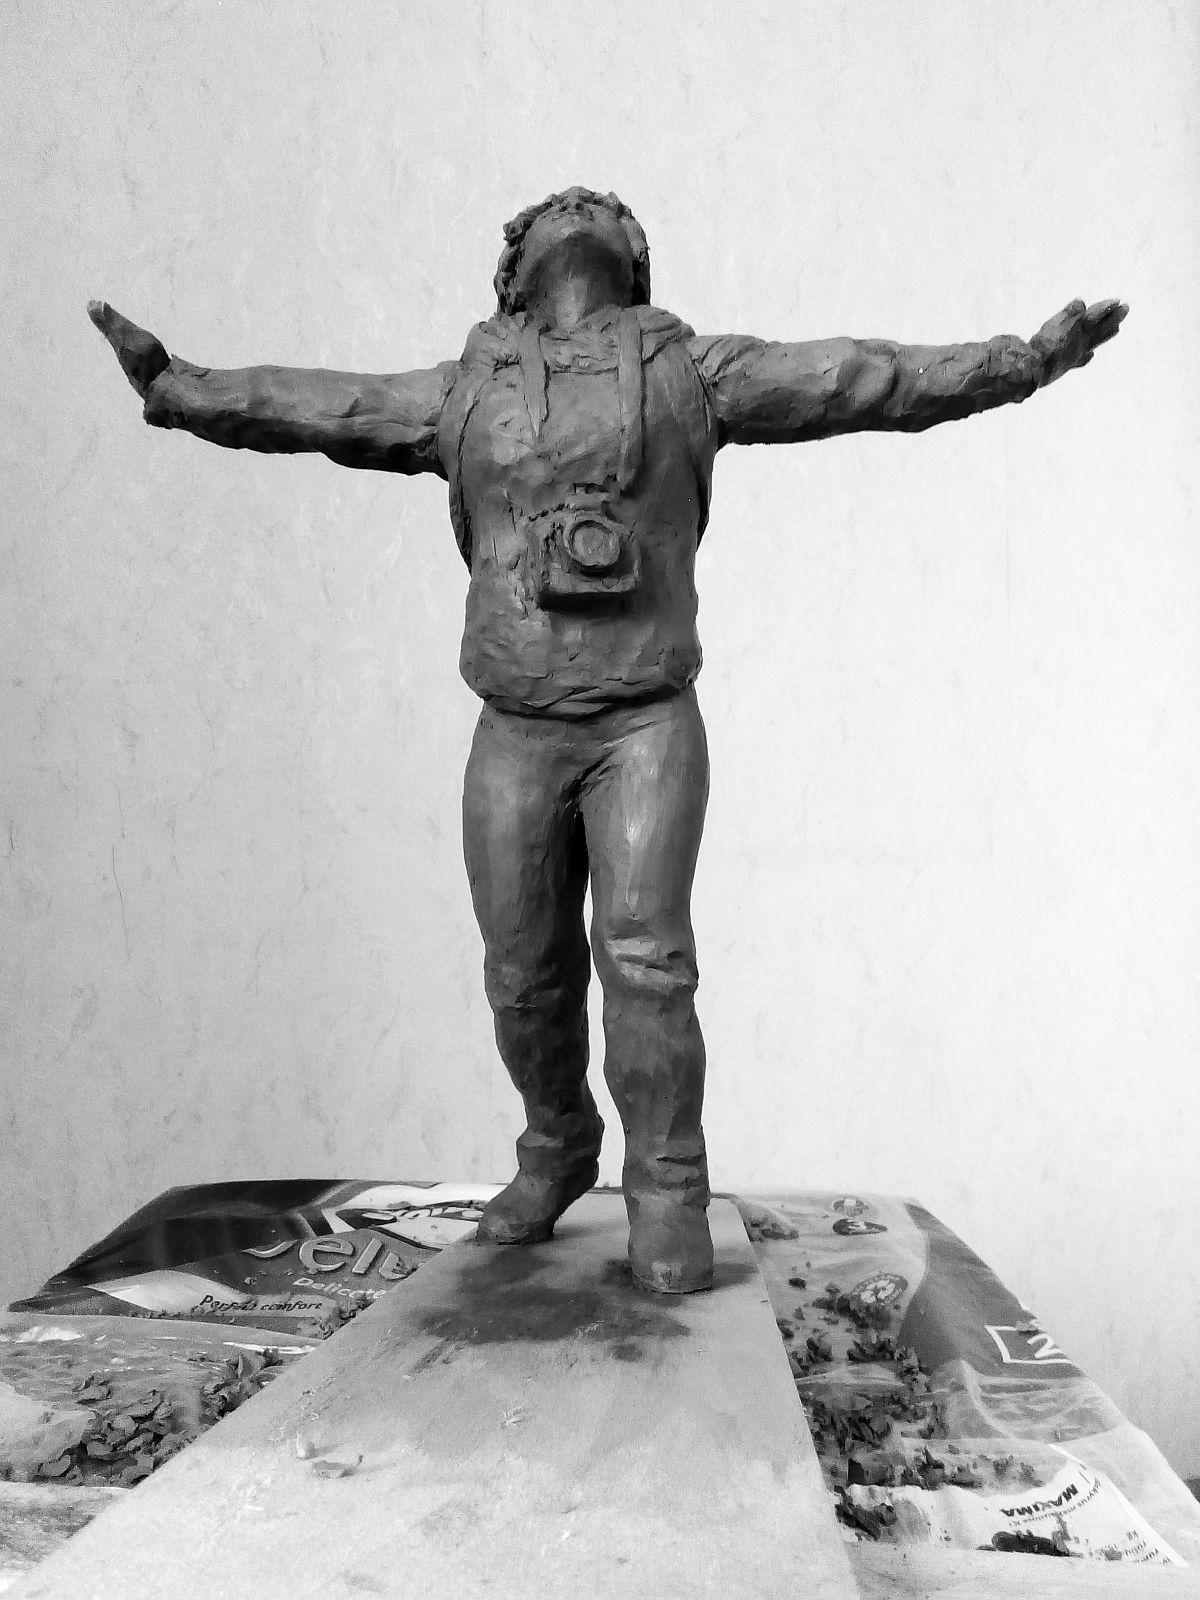 Эскиз памятника Ирине Славиной. Глина, 25 см. © Виктор Корб, 2021. Вид спереди, снизу.